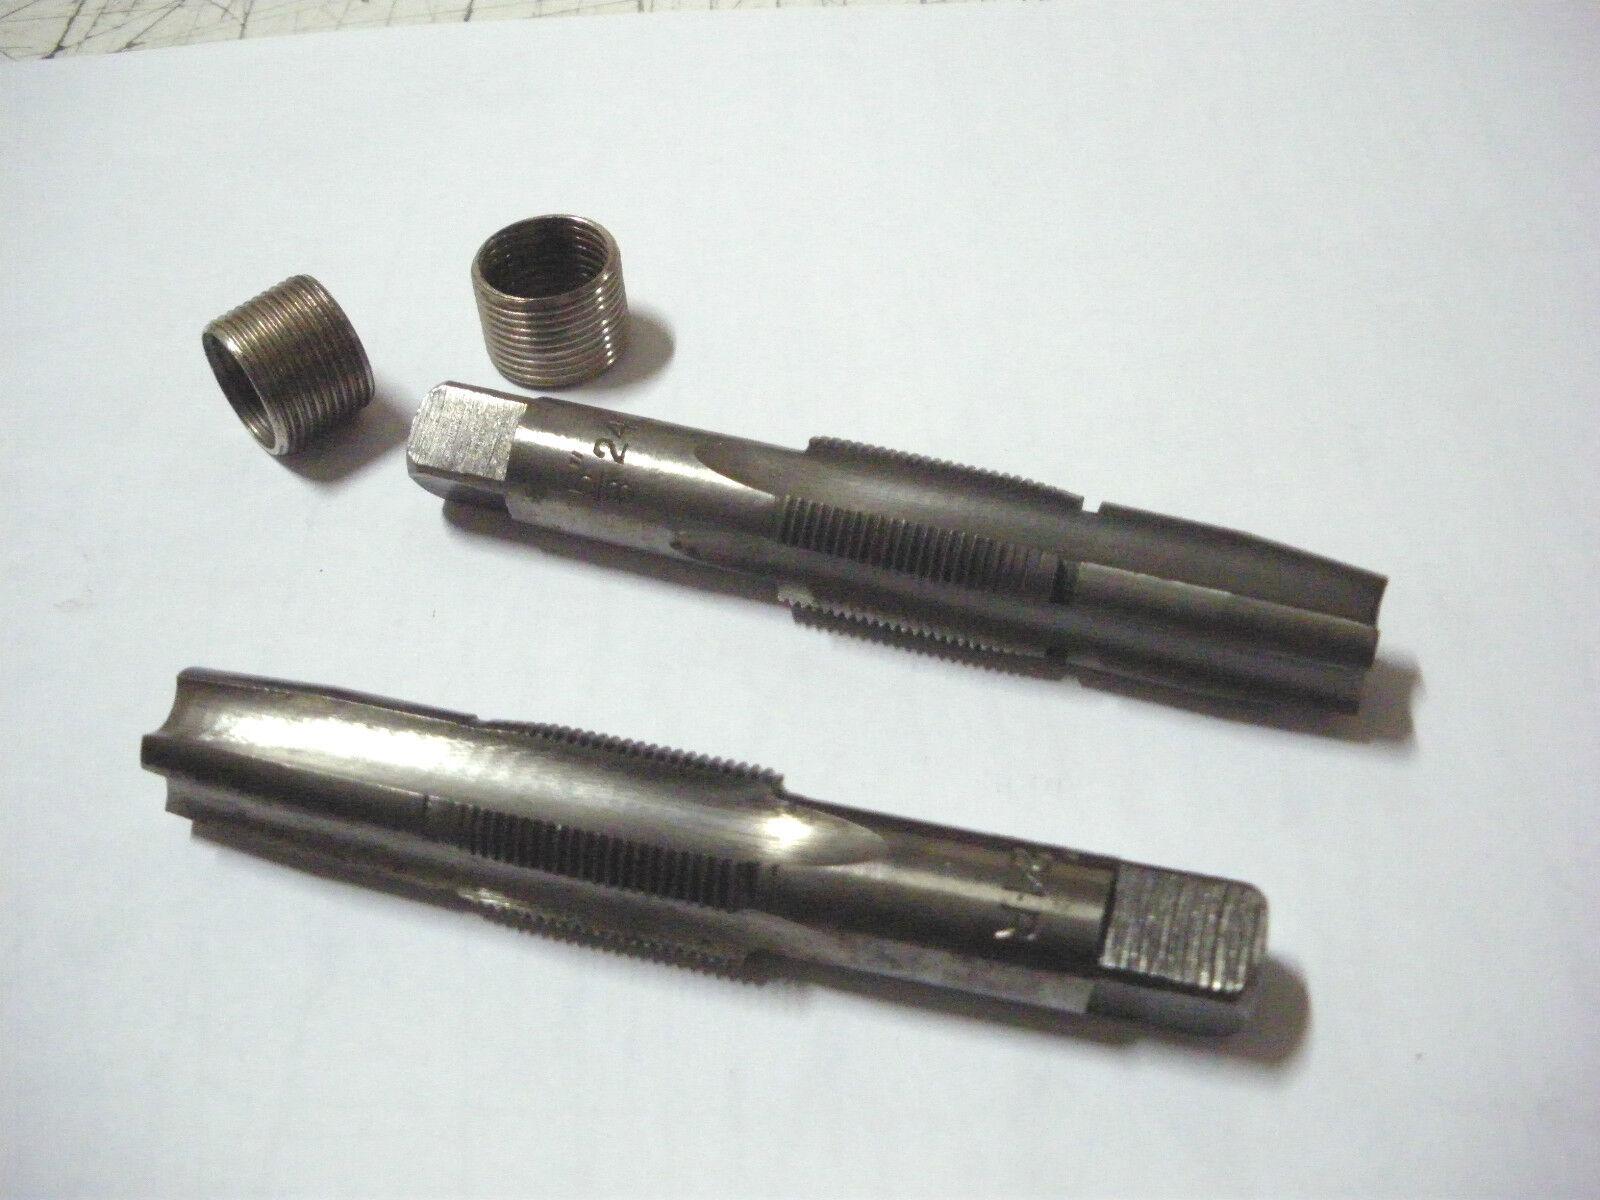 Vintage Crank repair kit R L Taps  for Crankarm Pedal Threads Oversizet 5 8  x 24  wholesale